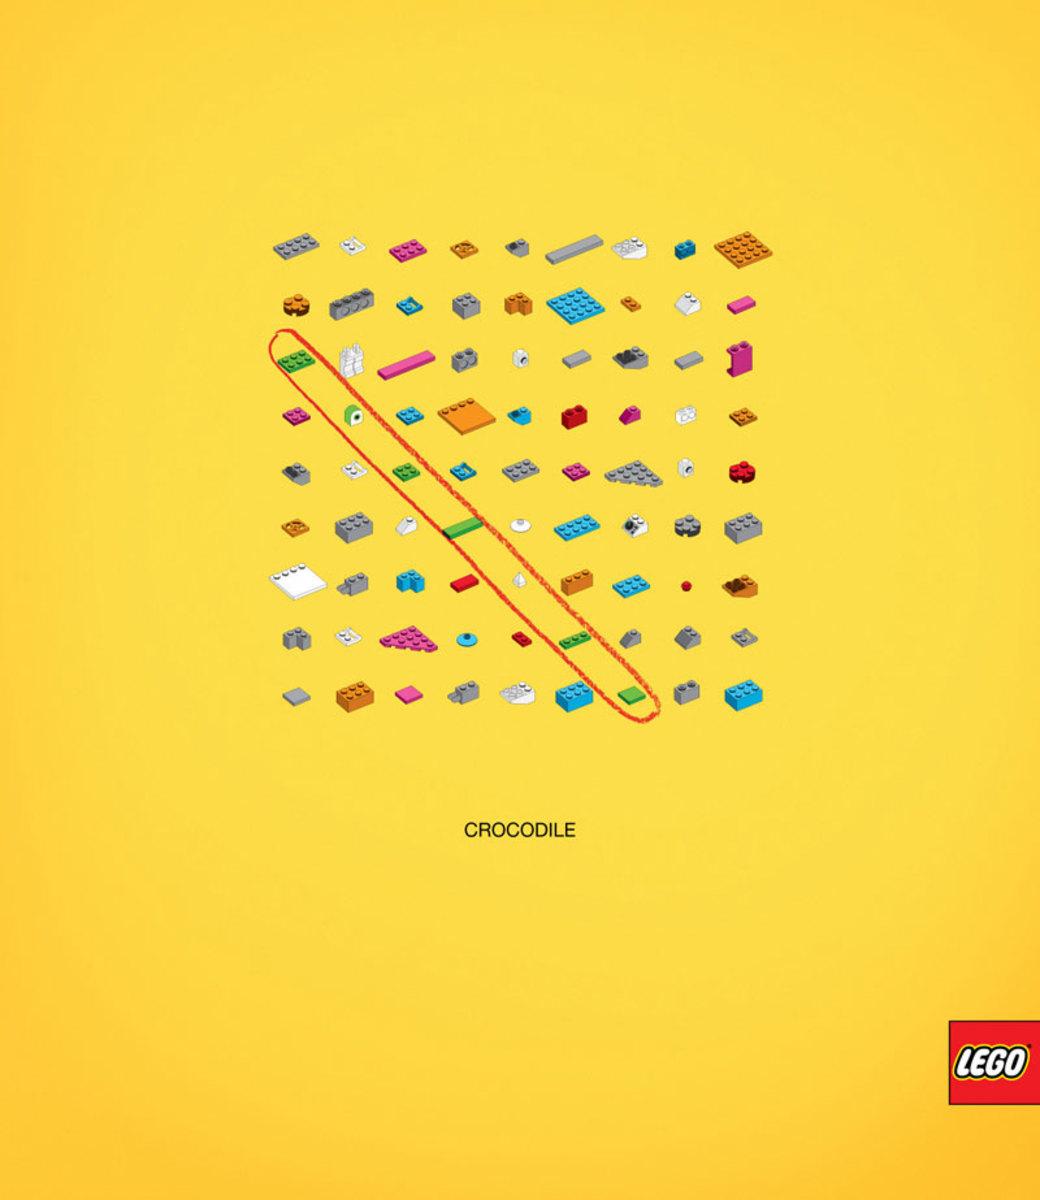 lego-word-scramble-ad-2